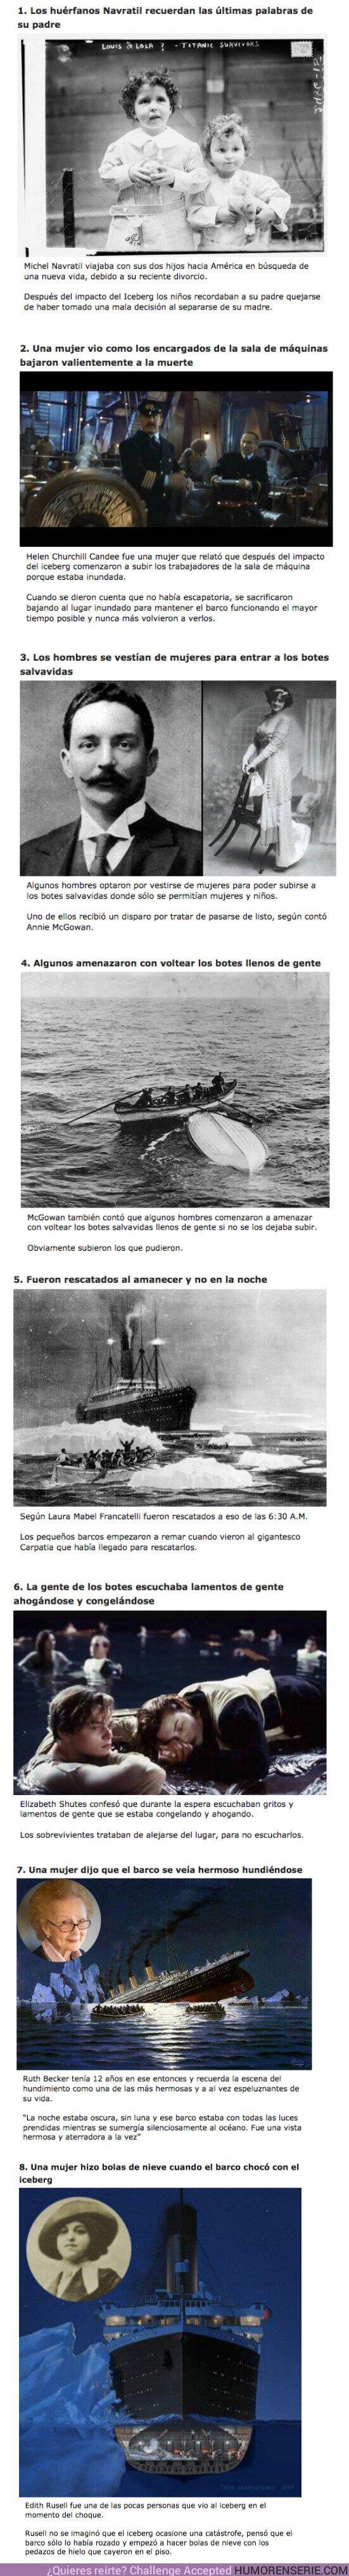 56188 - GALERÍA: 10 Sobrevivientes del Titanic describieron cómo fue la noche del hundimiento desde su punto de vista